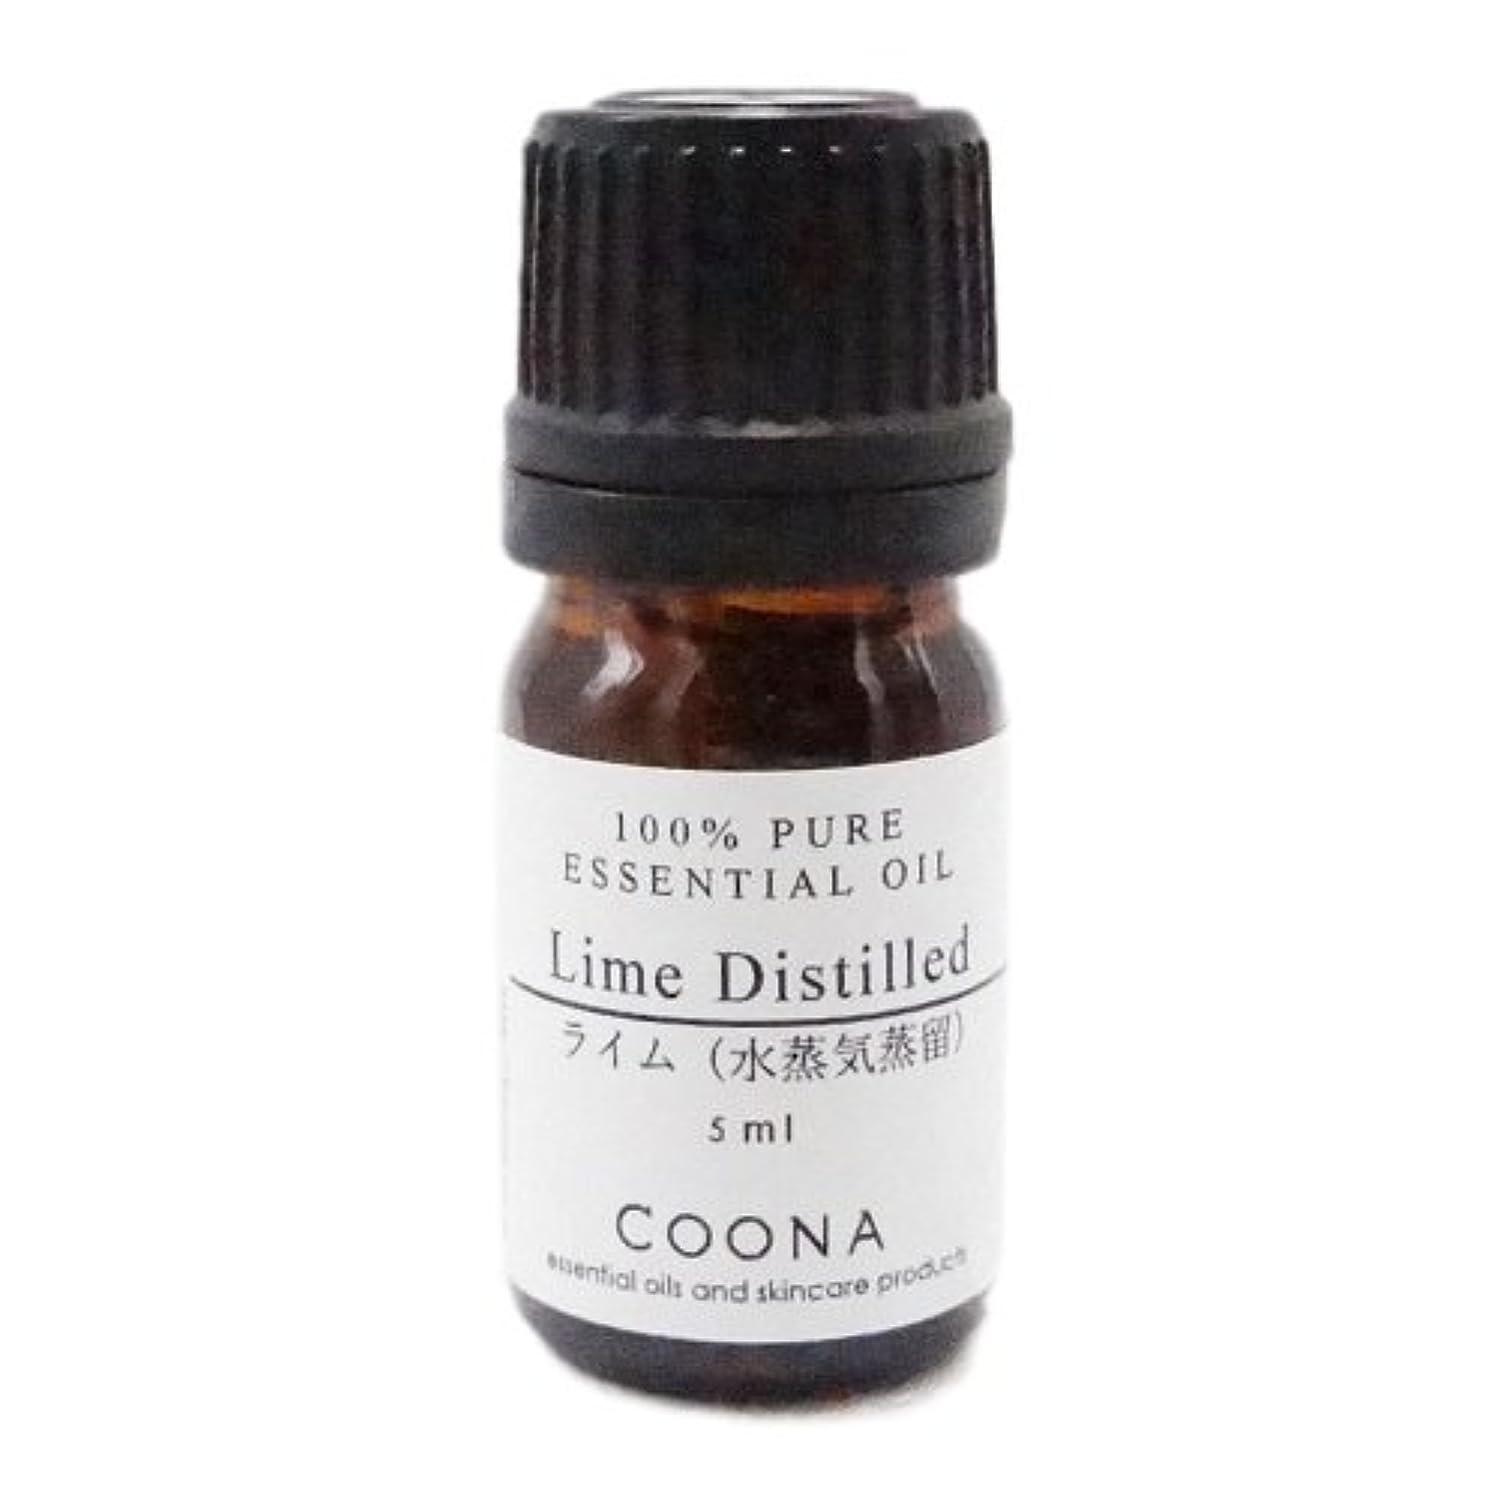 一貫性のない月曜ストレスライム 水蒸気蒸留 5 ml (COONA エッセンシャルオイル アロマオイル 100%天然植物精油)